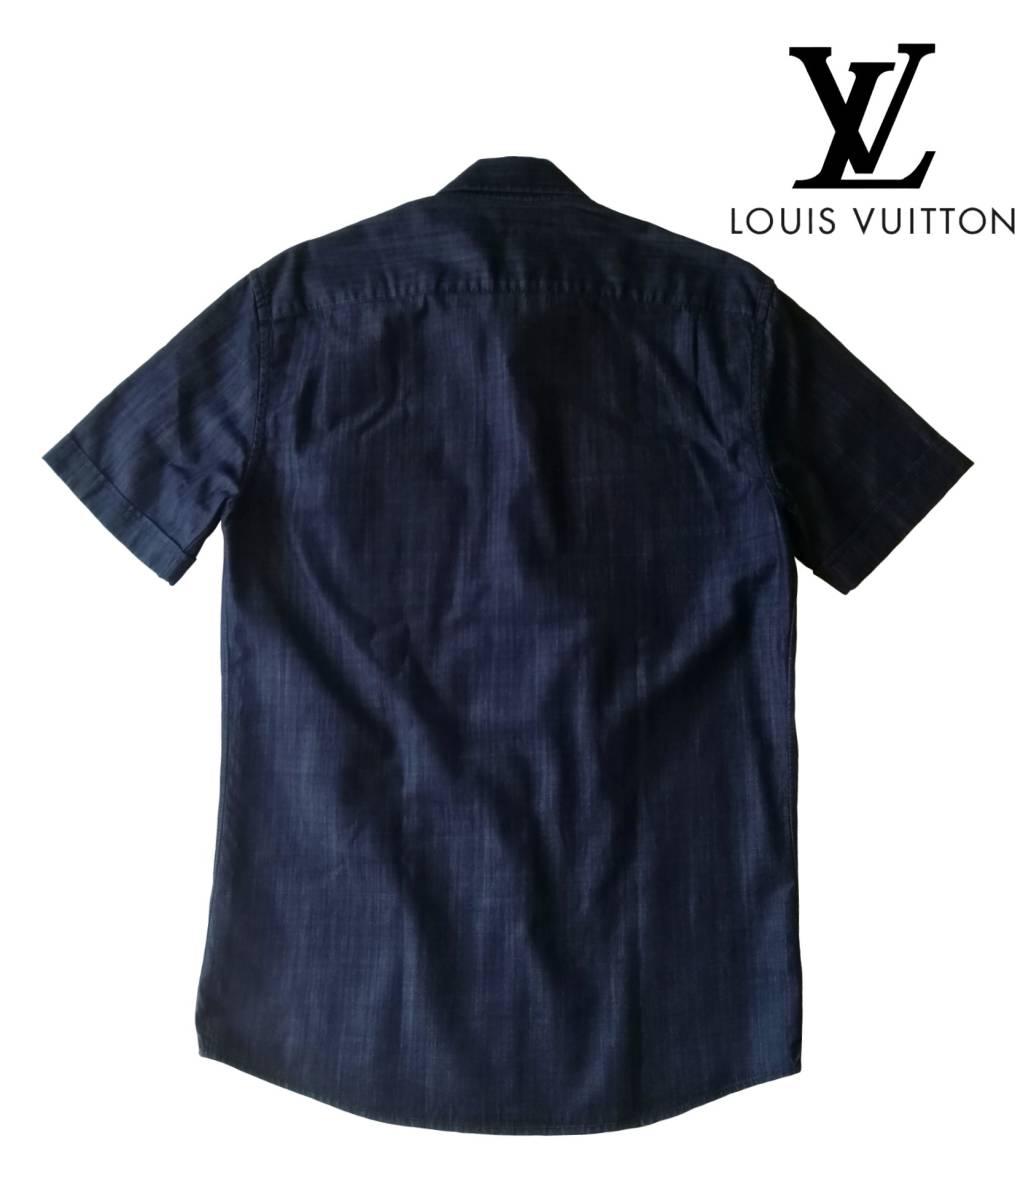 希少・レア品 ◆ LOUIS VUITTON ◆ ルイヴィトン ◆ ブラック 半袖 デニム シャツ 38 黒 M~Lサイズ相当 メンズ イタリア製 LVロゴ刺繍 _画像2